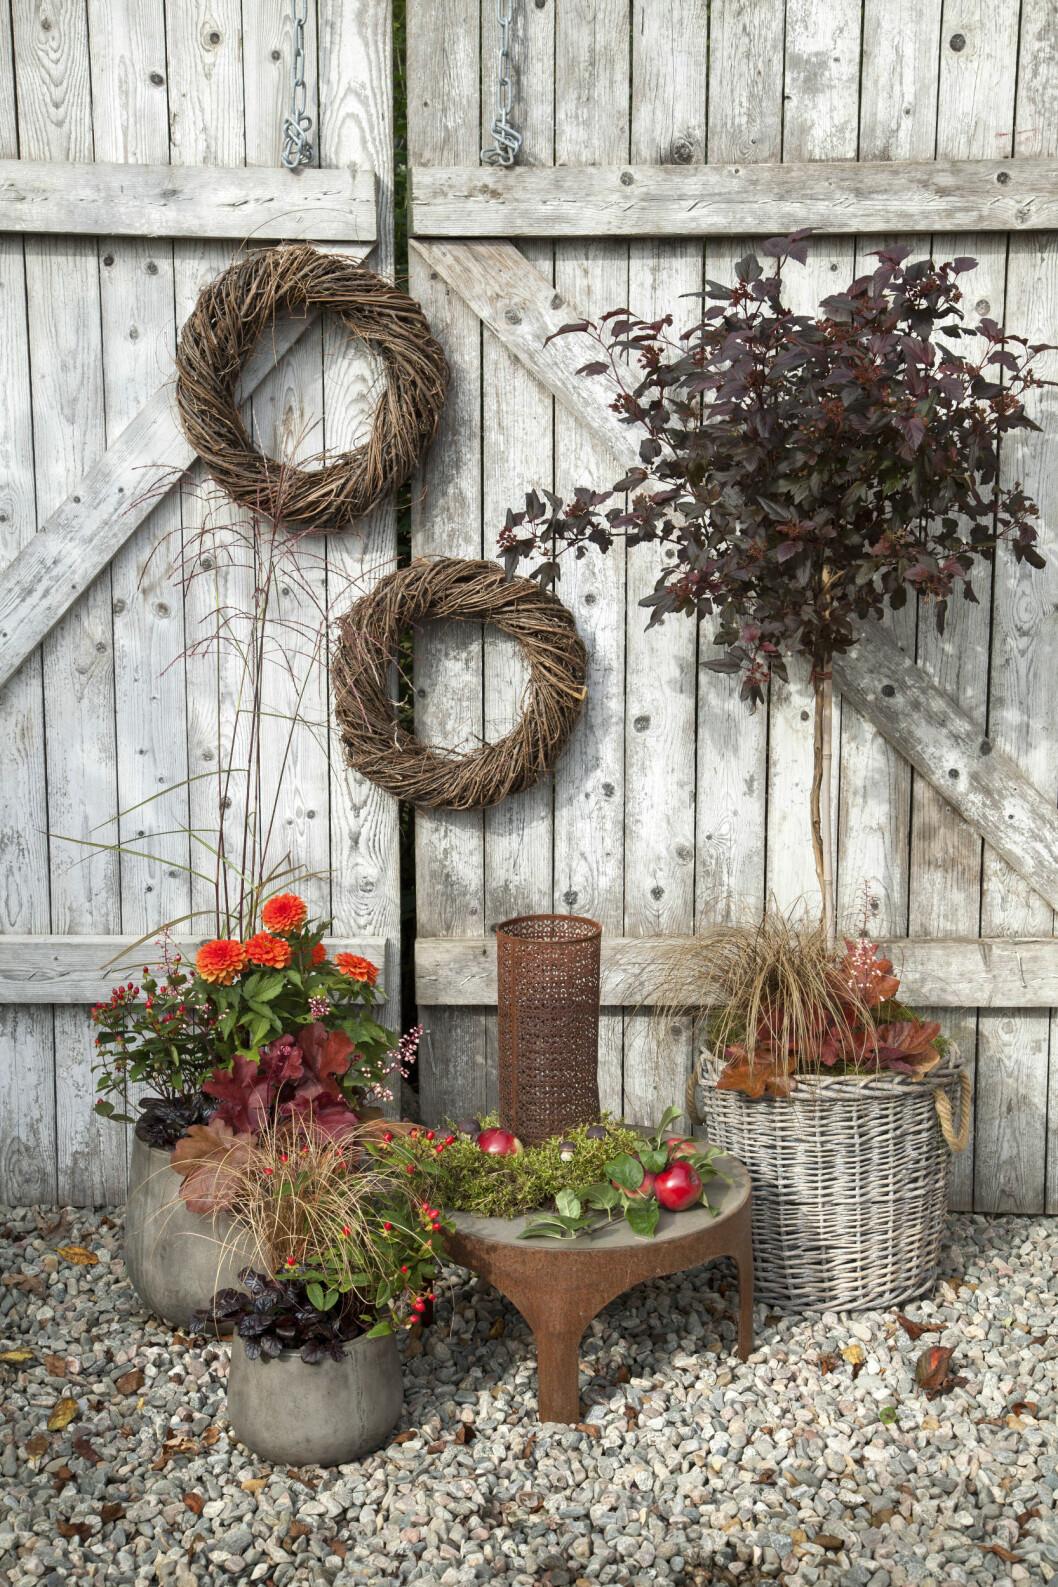 Höstkransar, höstkrukor och smällspirea på stam mot en trädörr i höstträdgården.